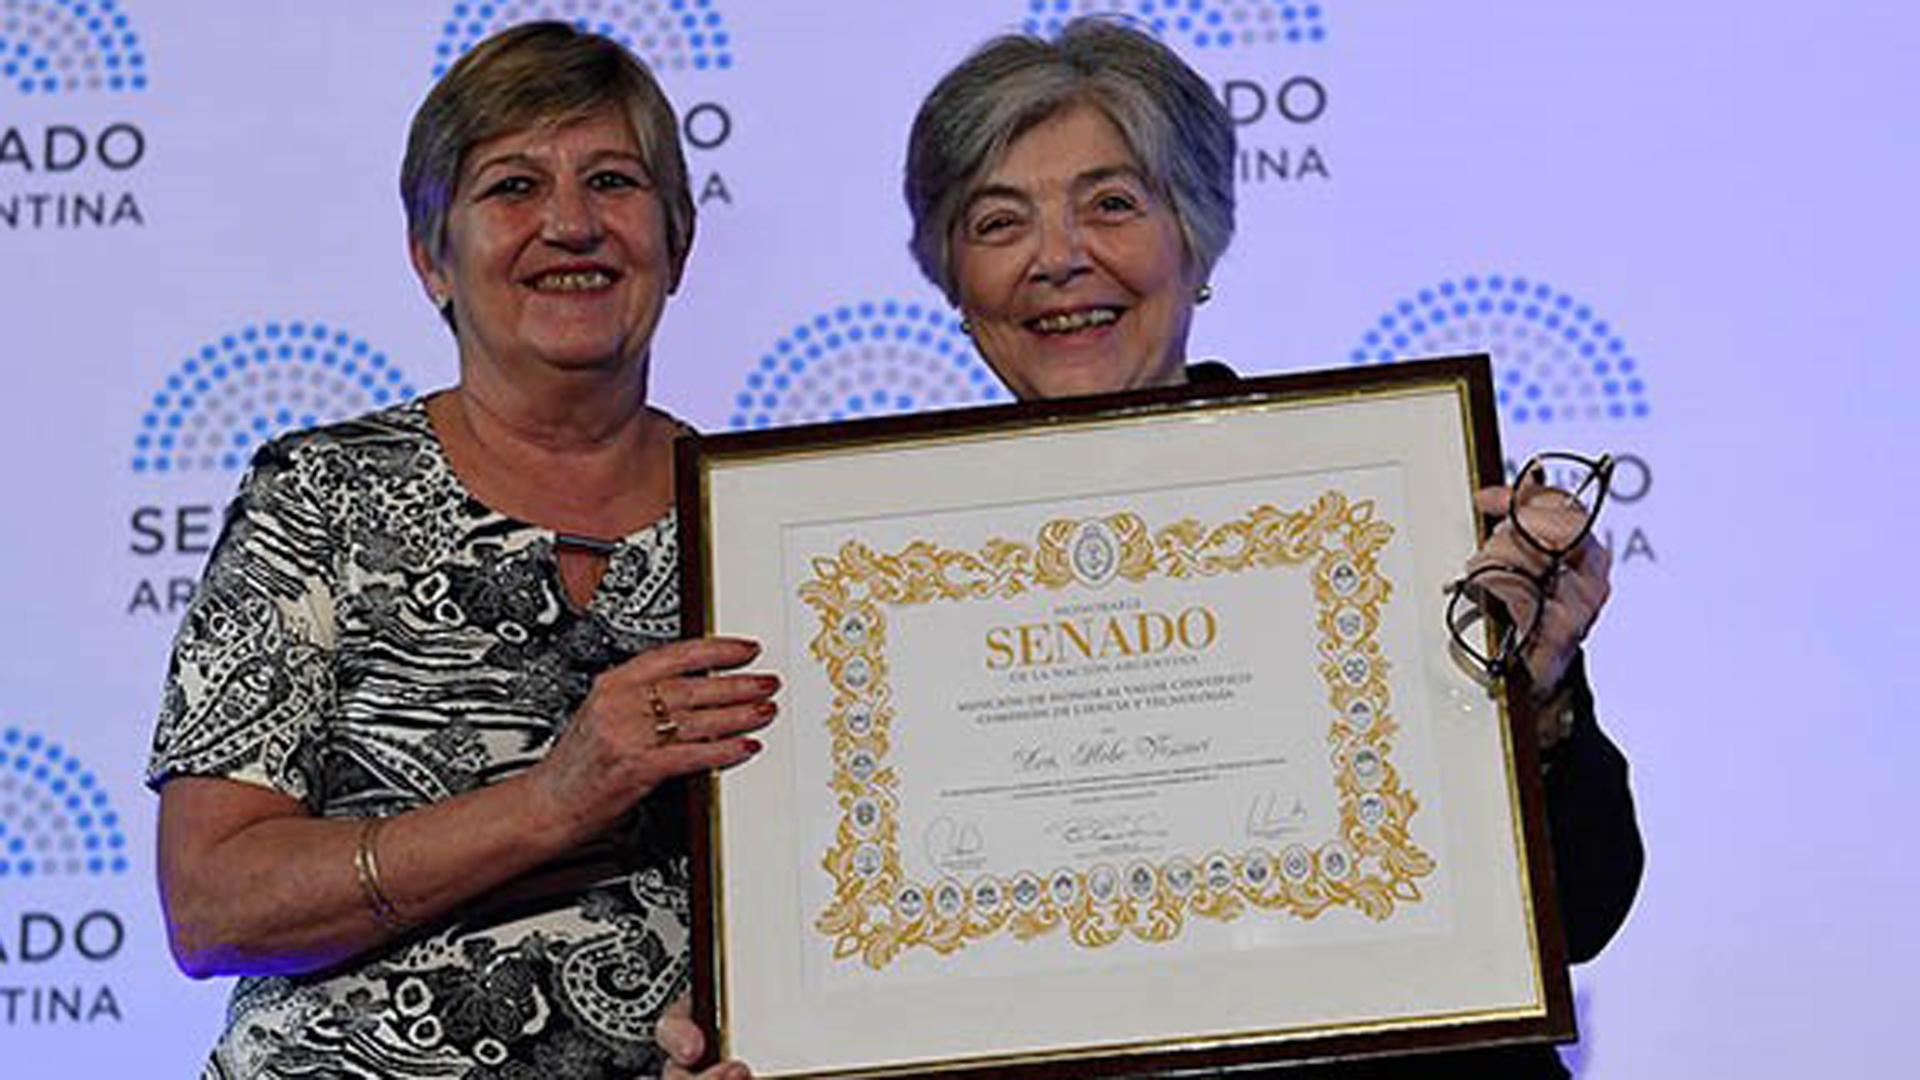 Vessuri fue reconocida en 2017 por el Senado de la Nación